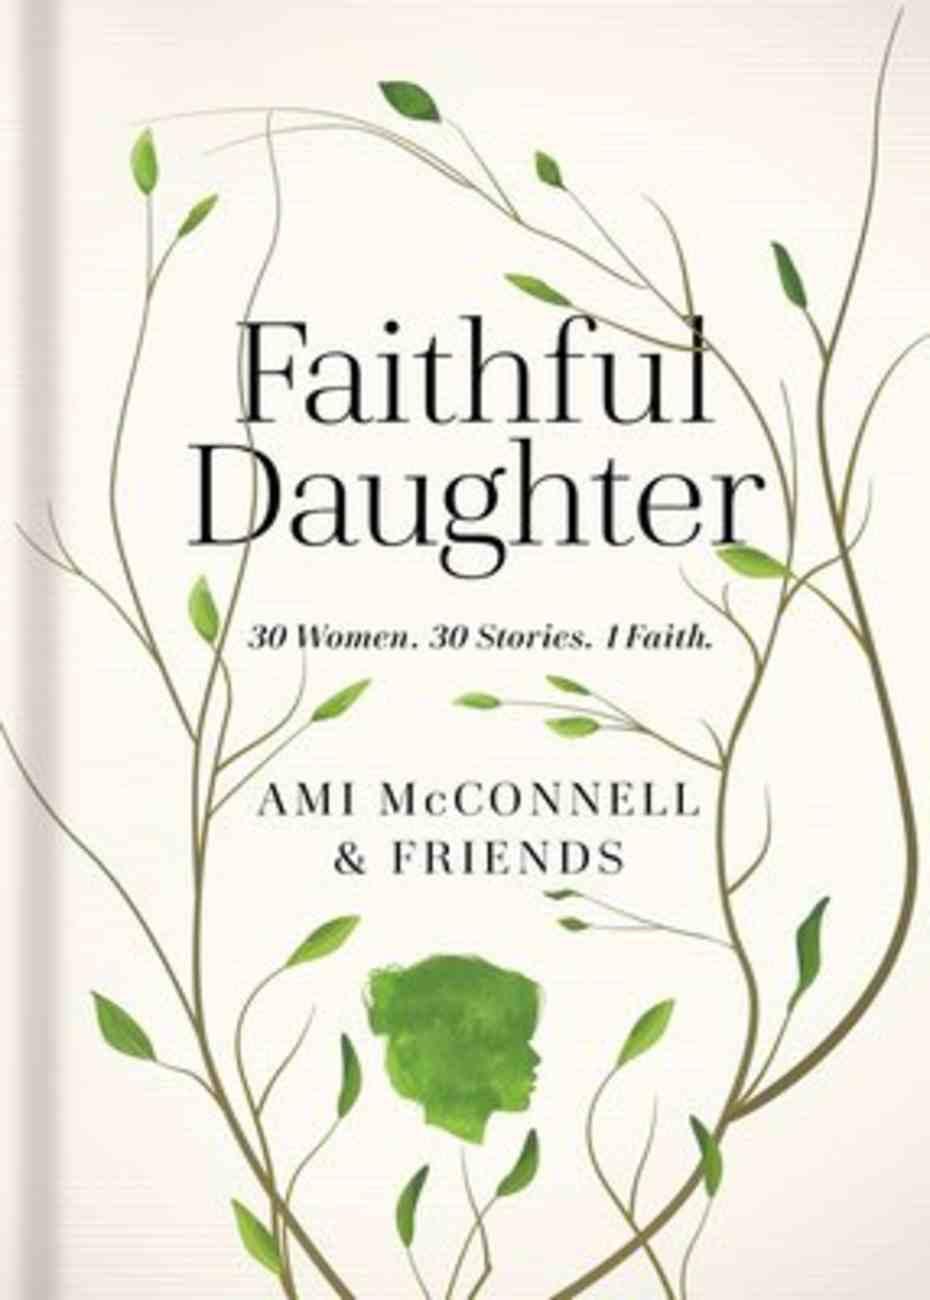 Faithful Daughter: 30 Stories. 30 Women. 1 Faith Hardback